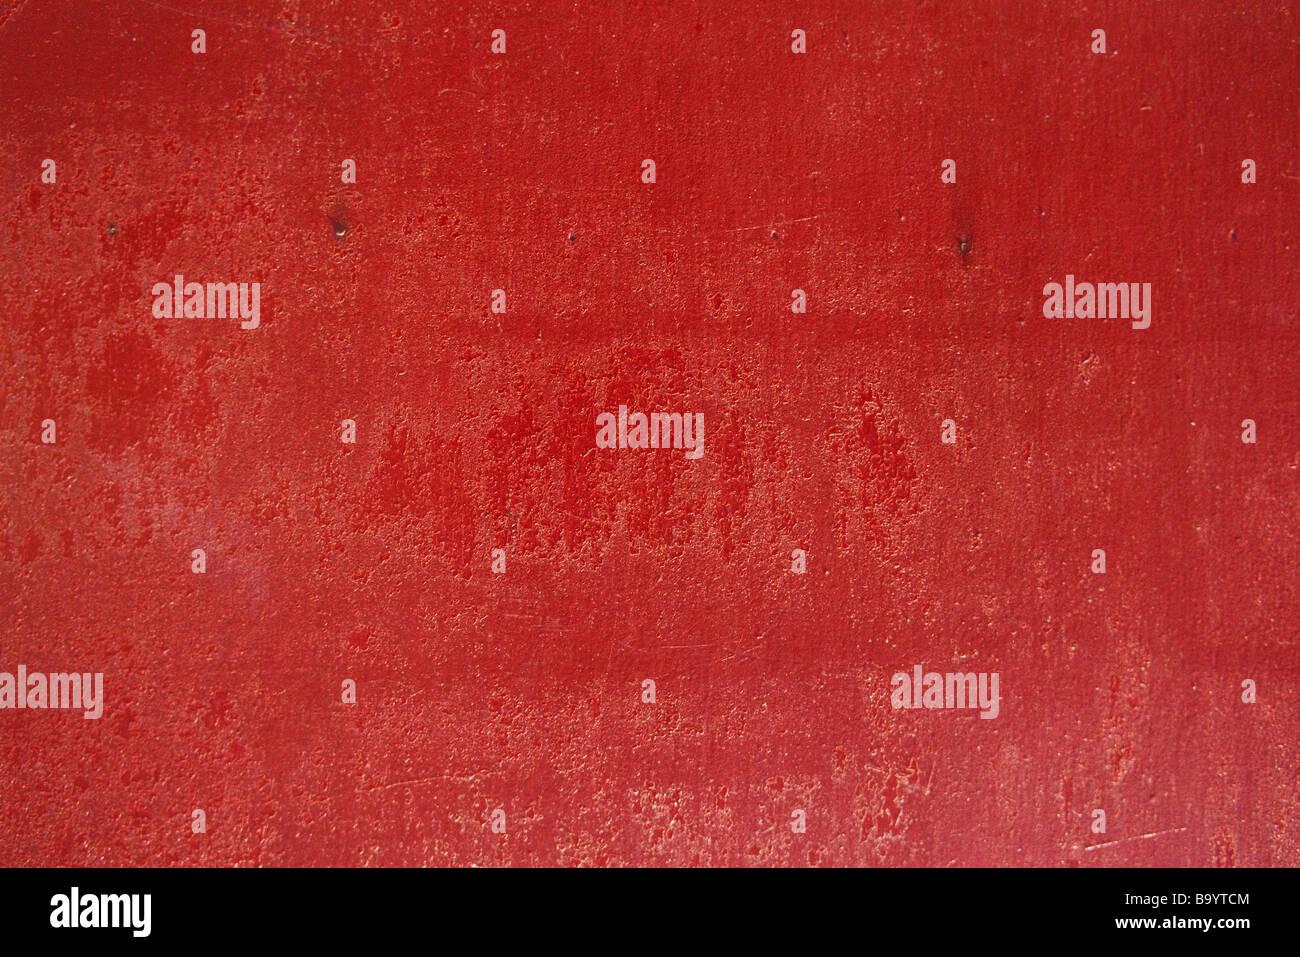 Rot lackiert Oberfläche Stockbild